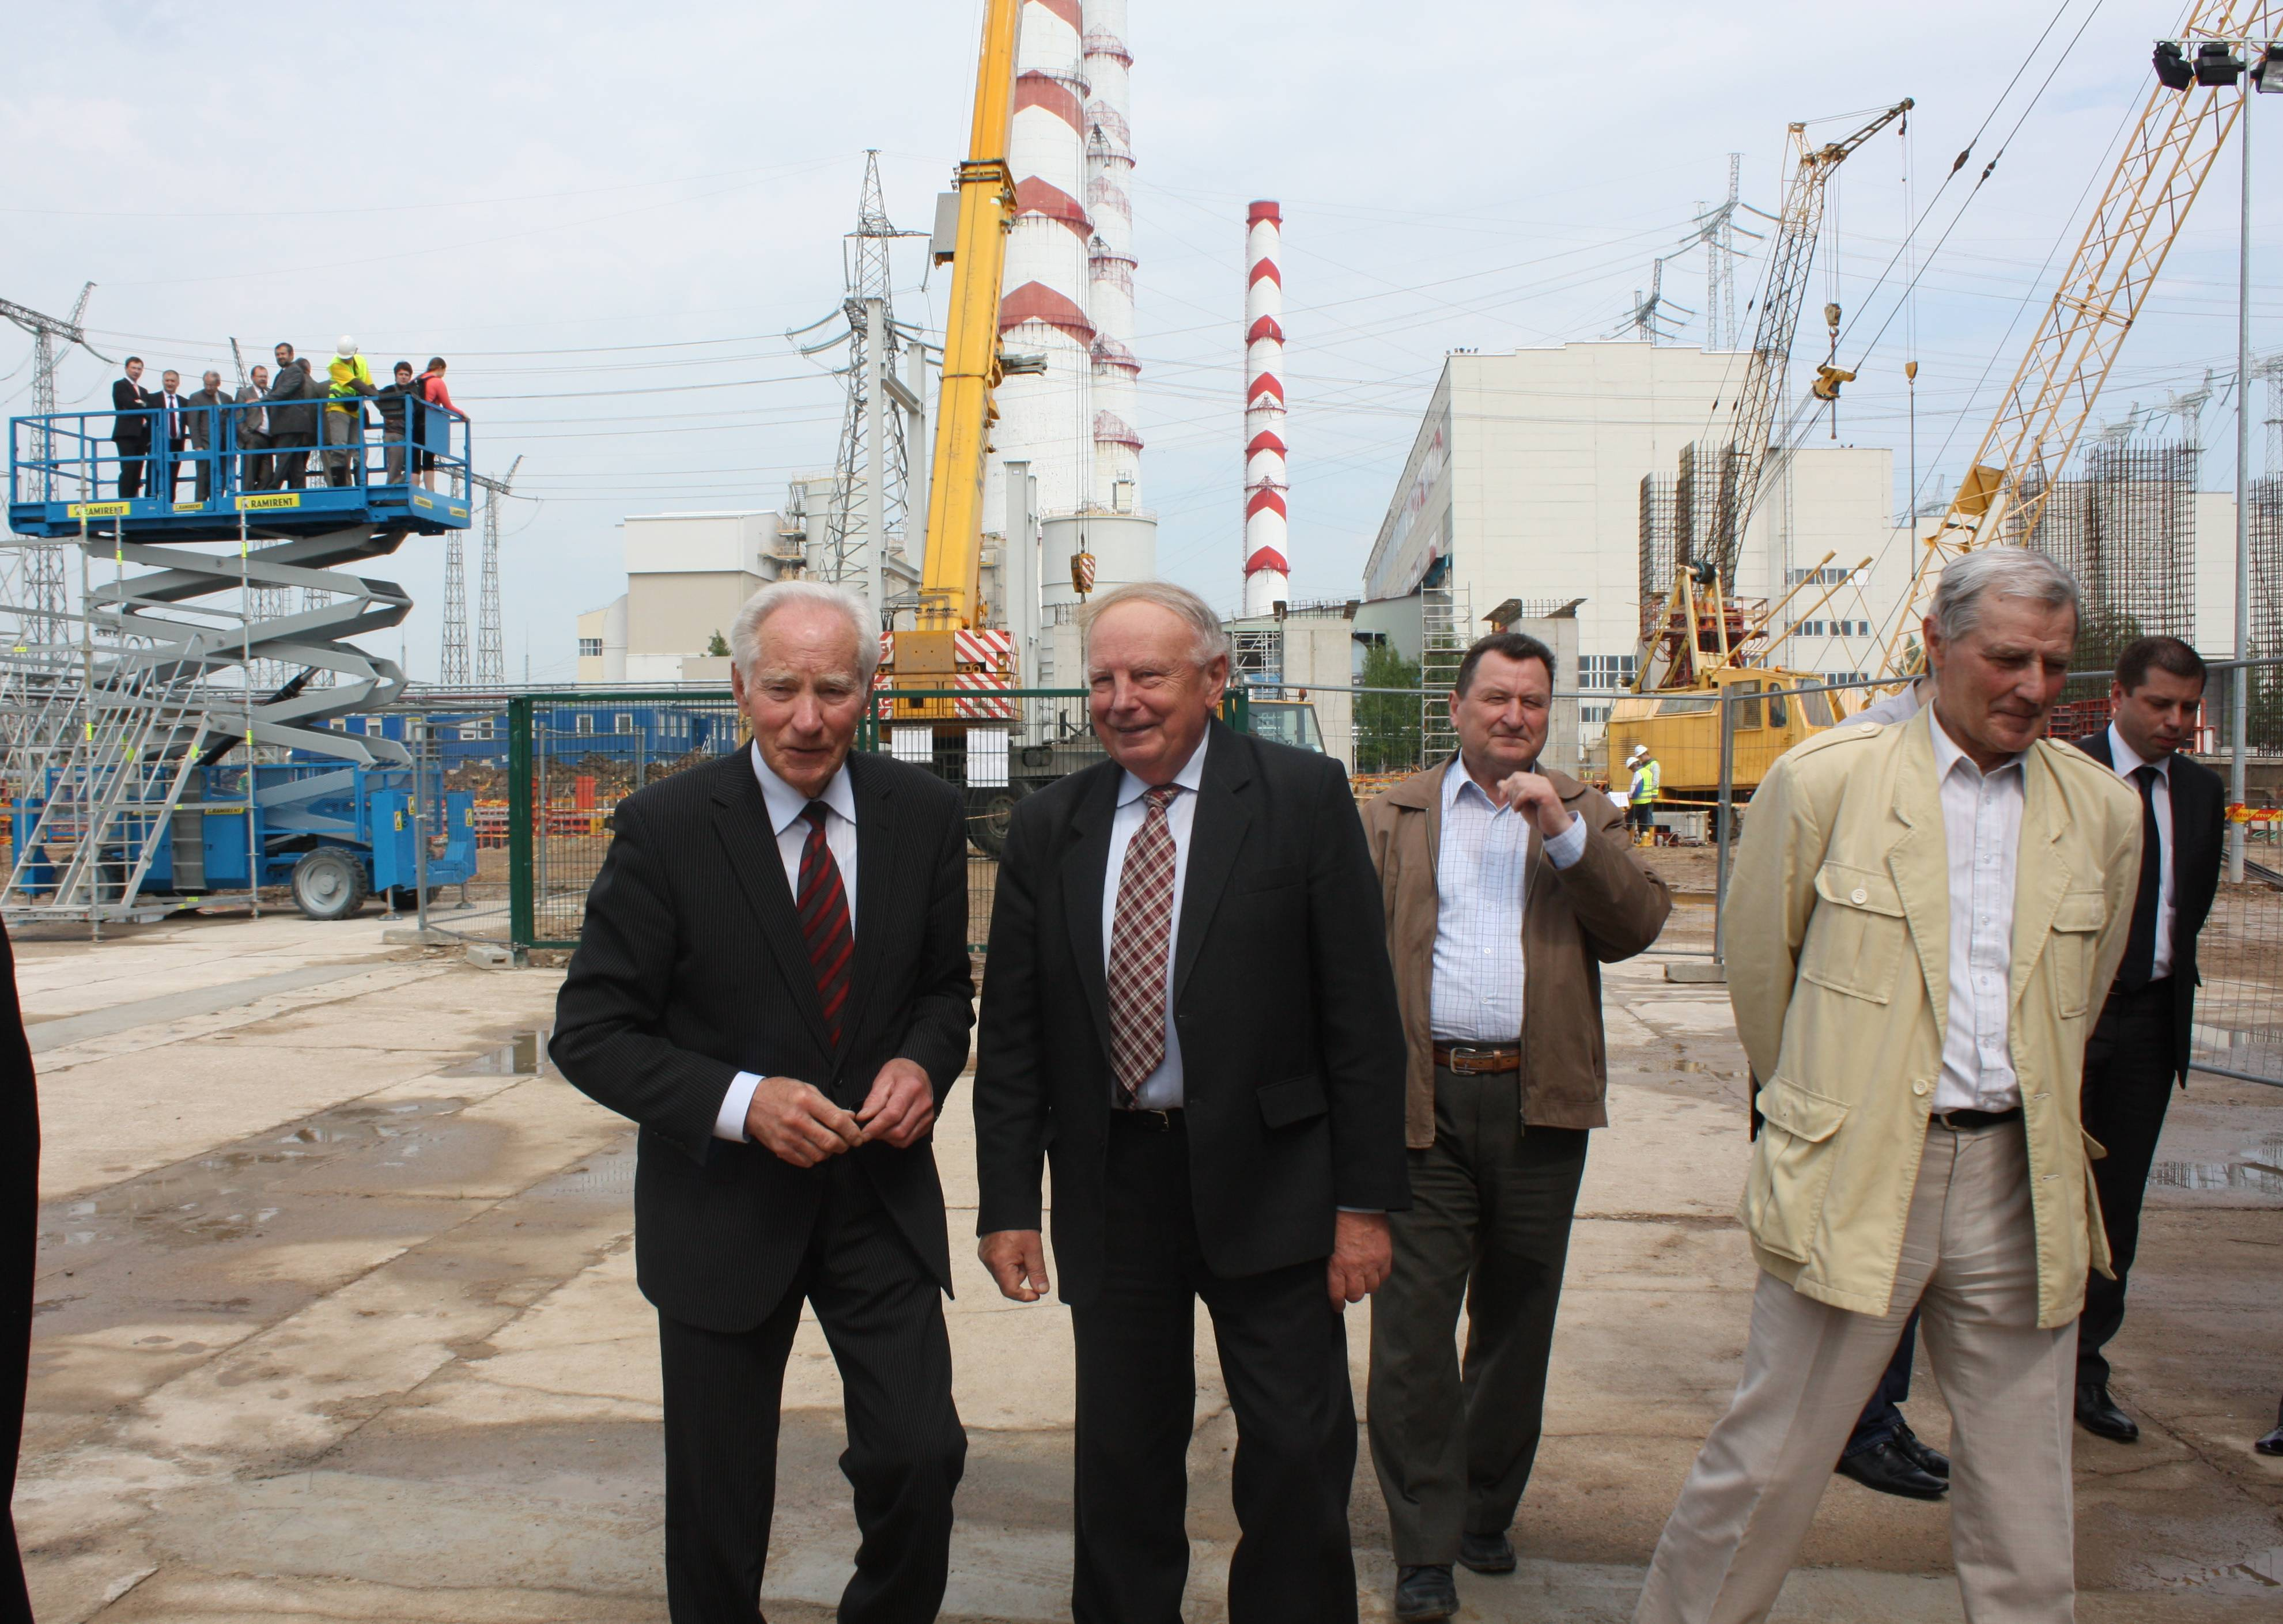 Elektrėnų įkūrėjo, ilgamečio Lietuvos elektrinės direktoriaus, Elektrėnų garbės piliečio Prano Noreikos sveikinimas visiems savivaldybės gyventojams ir atskirai energetikams